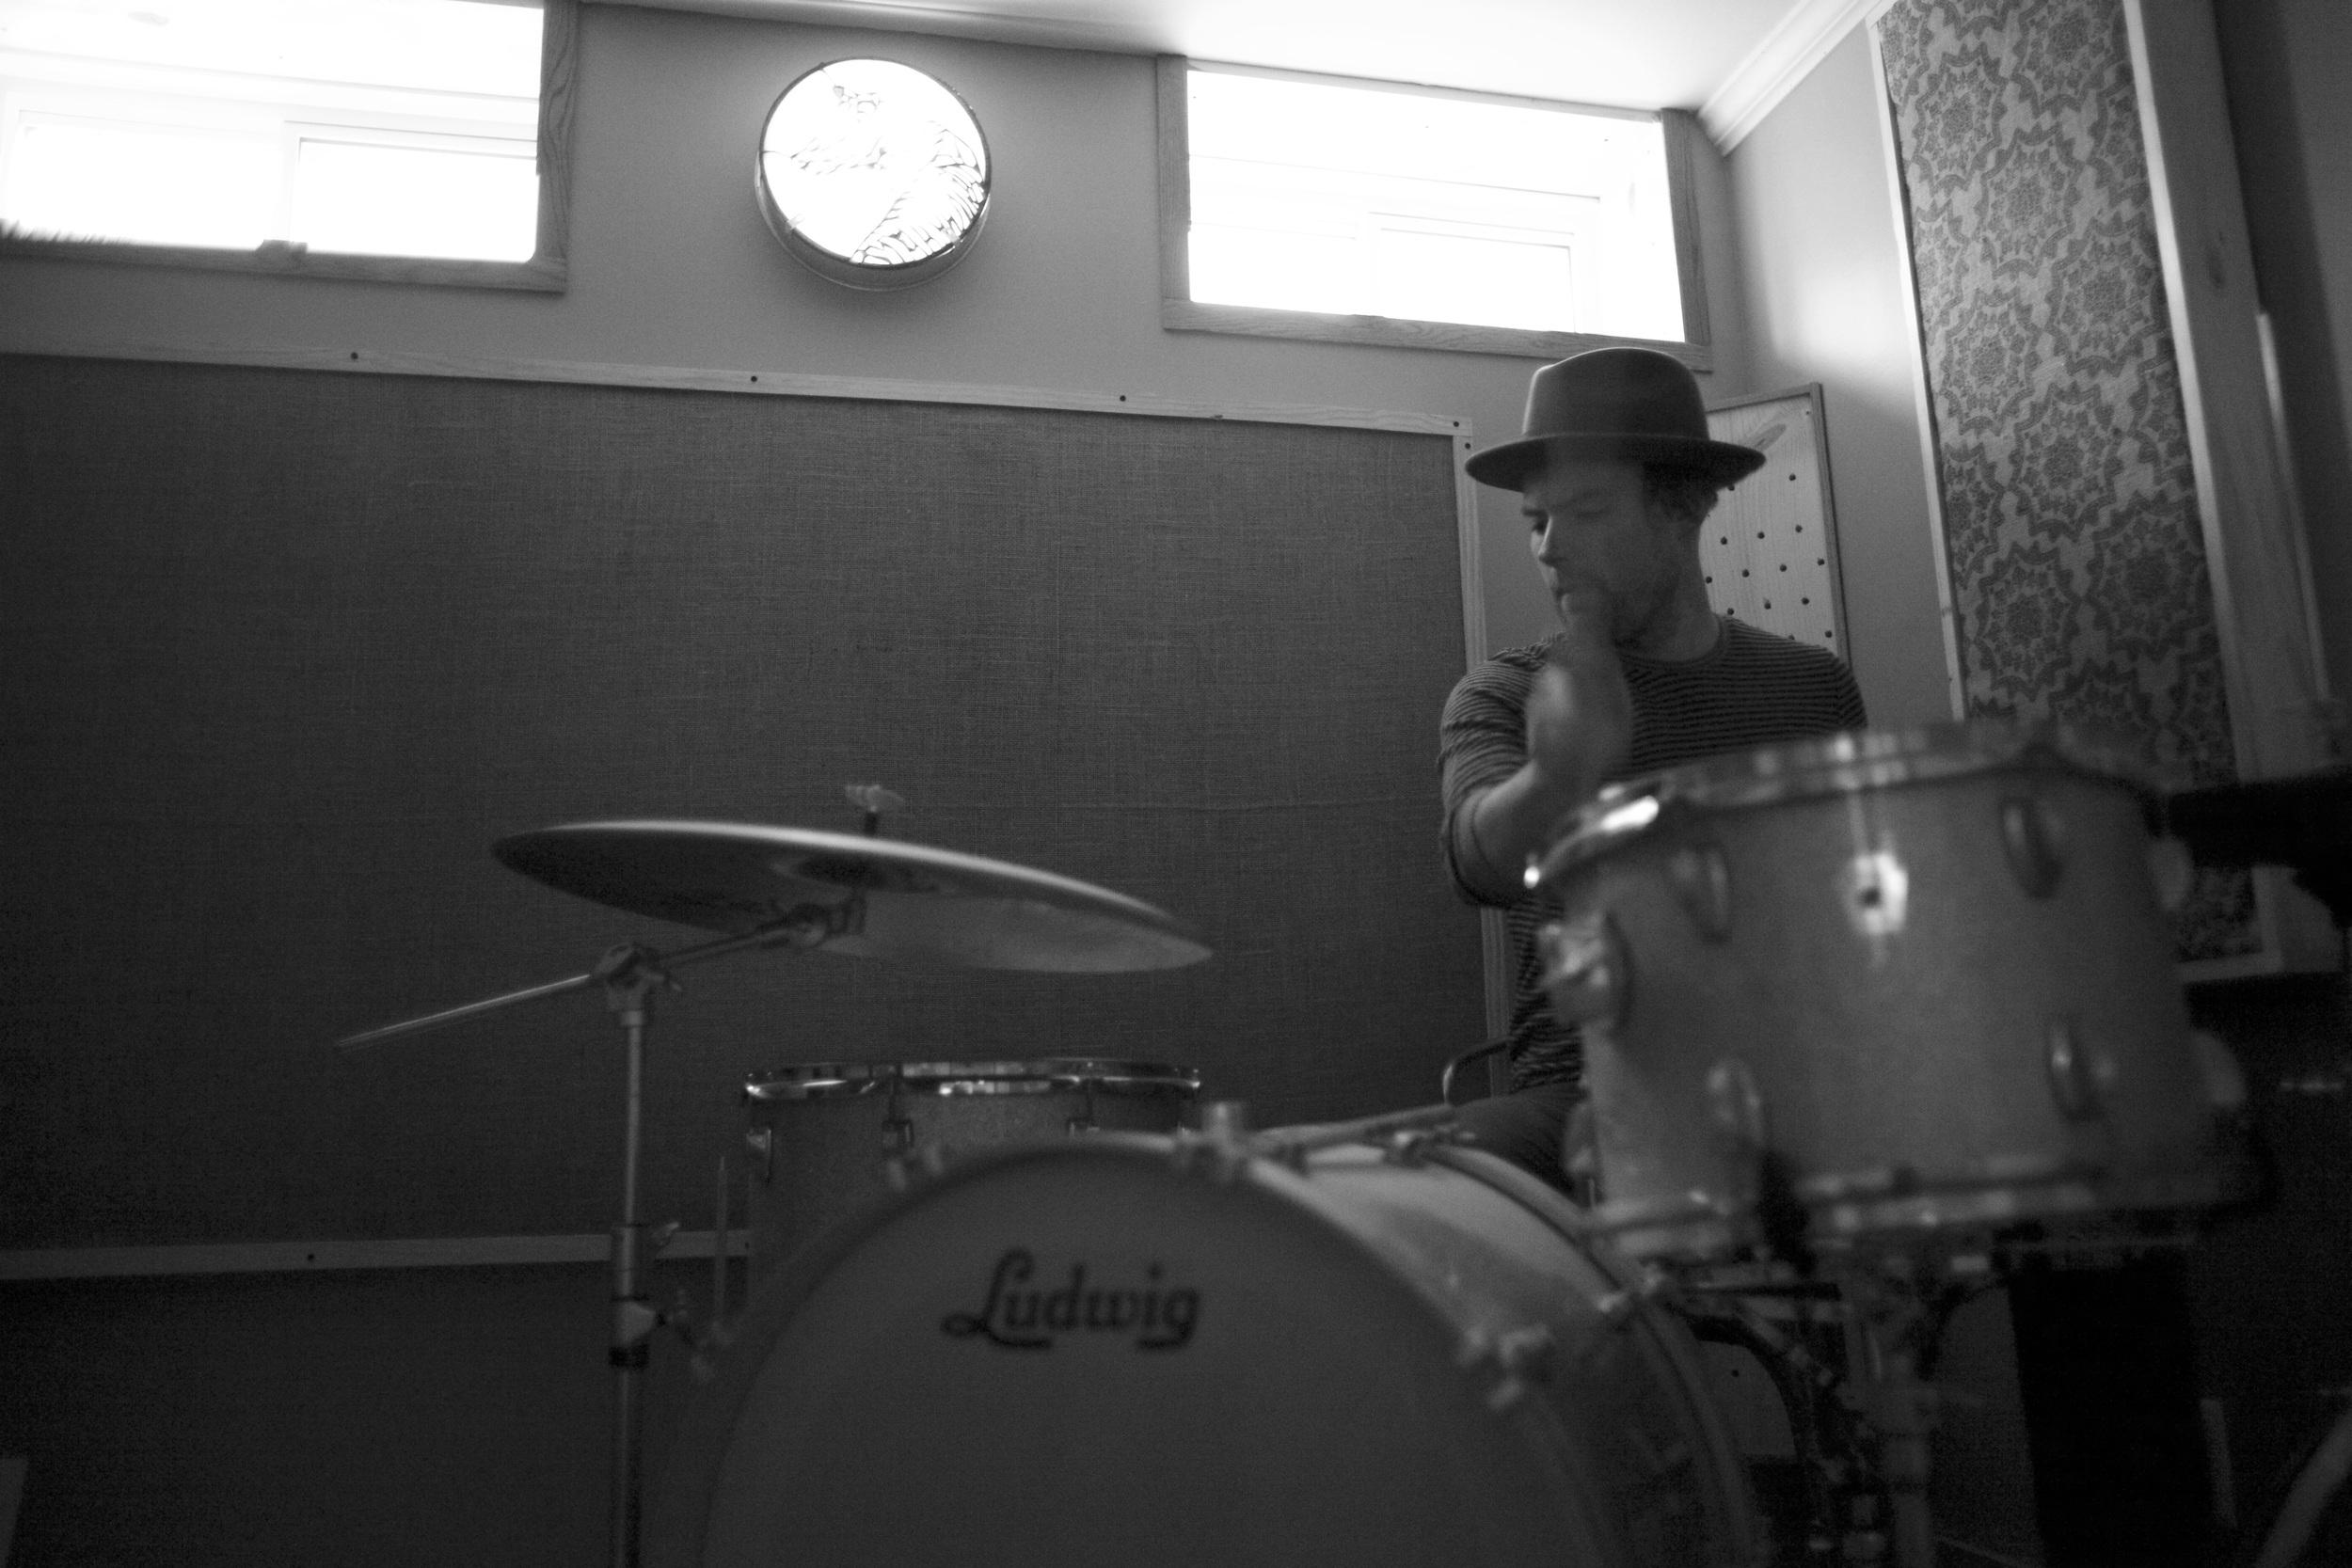 drumkitbw.jpg